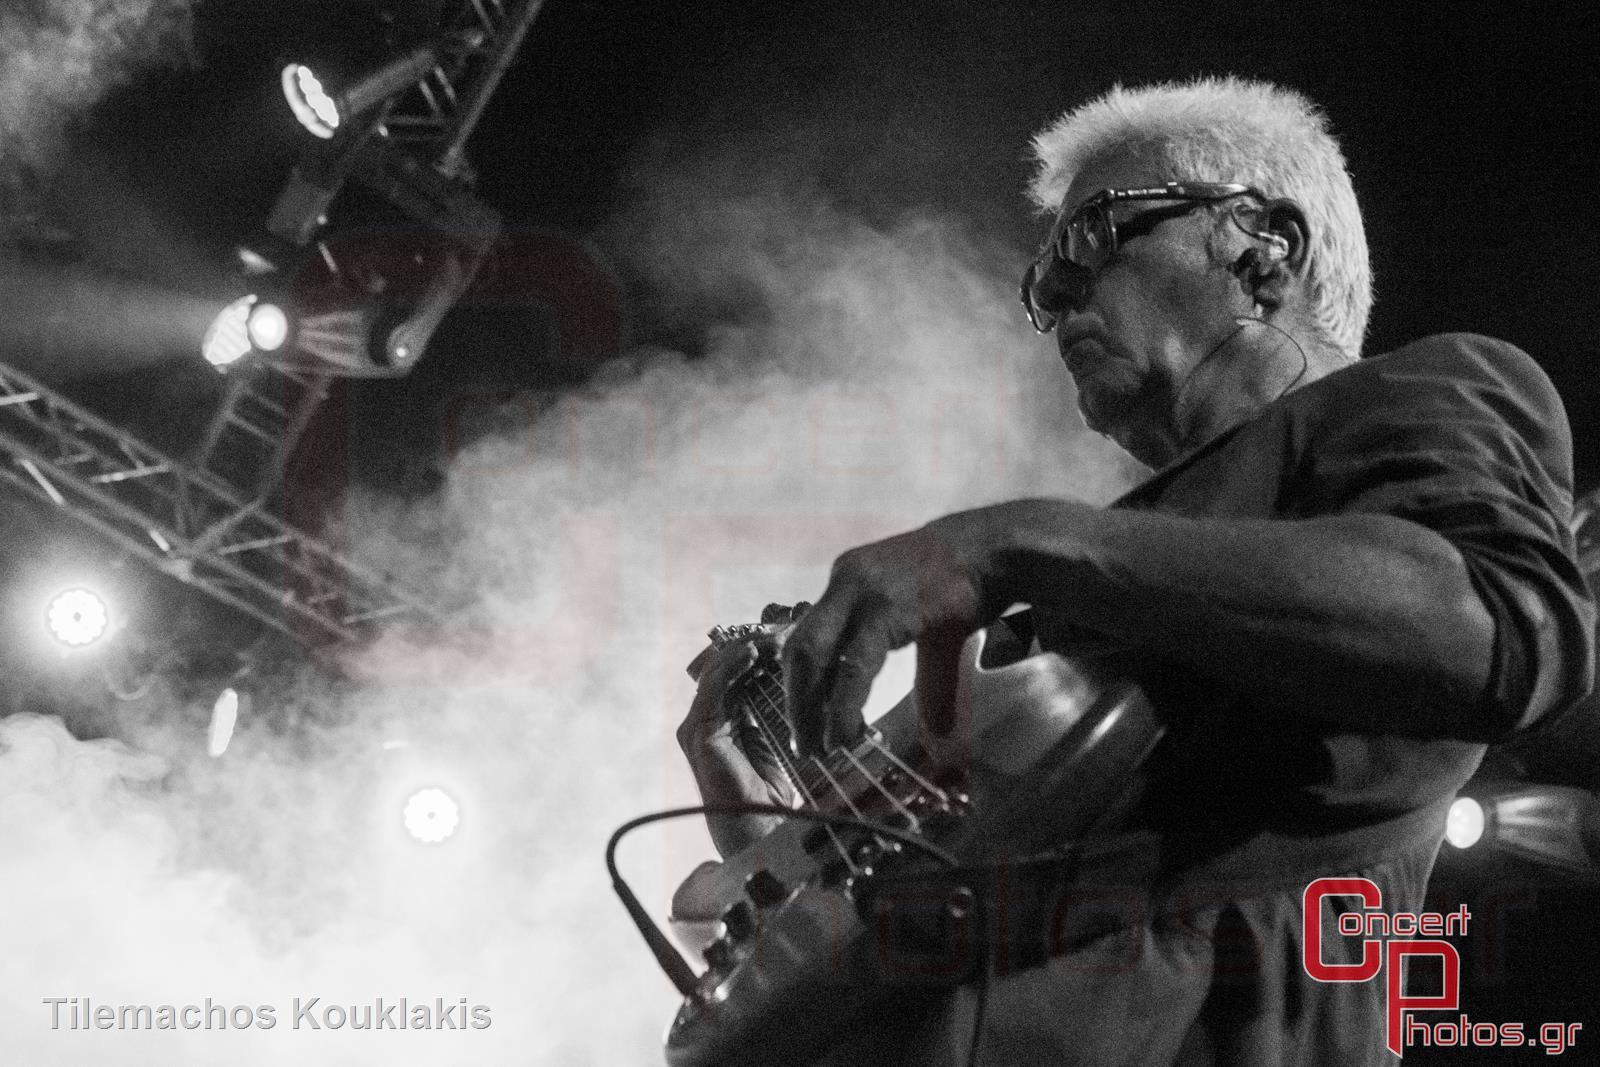 Βασίλης Παπακωνσταντίνου - 40 Χρόνια Έφηβος-Vasilis Papakonstantinou 40 Chronia Efivos photographer: Tilemachos Kouklakis - concertphotos_-4825